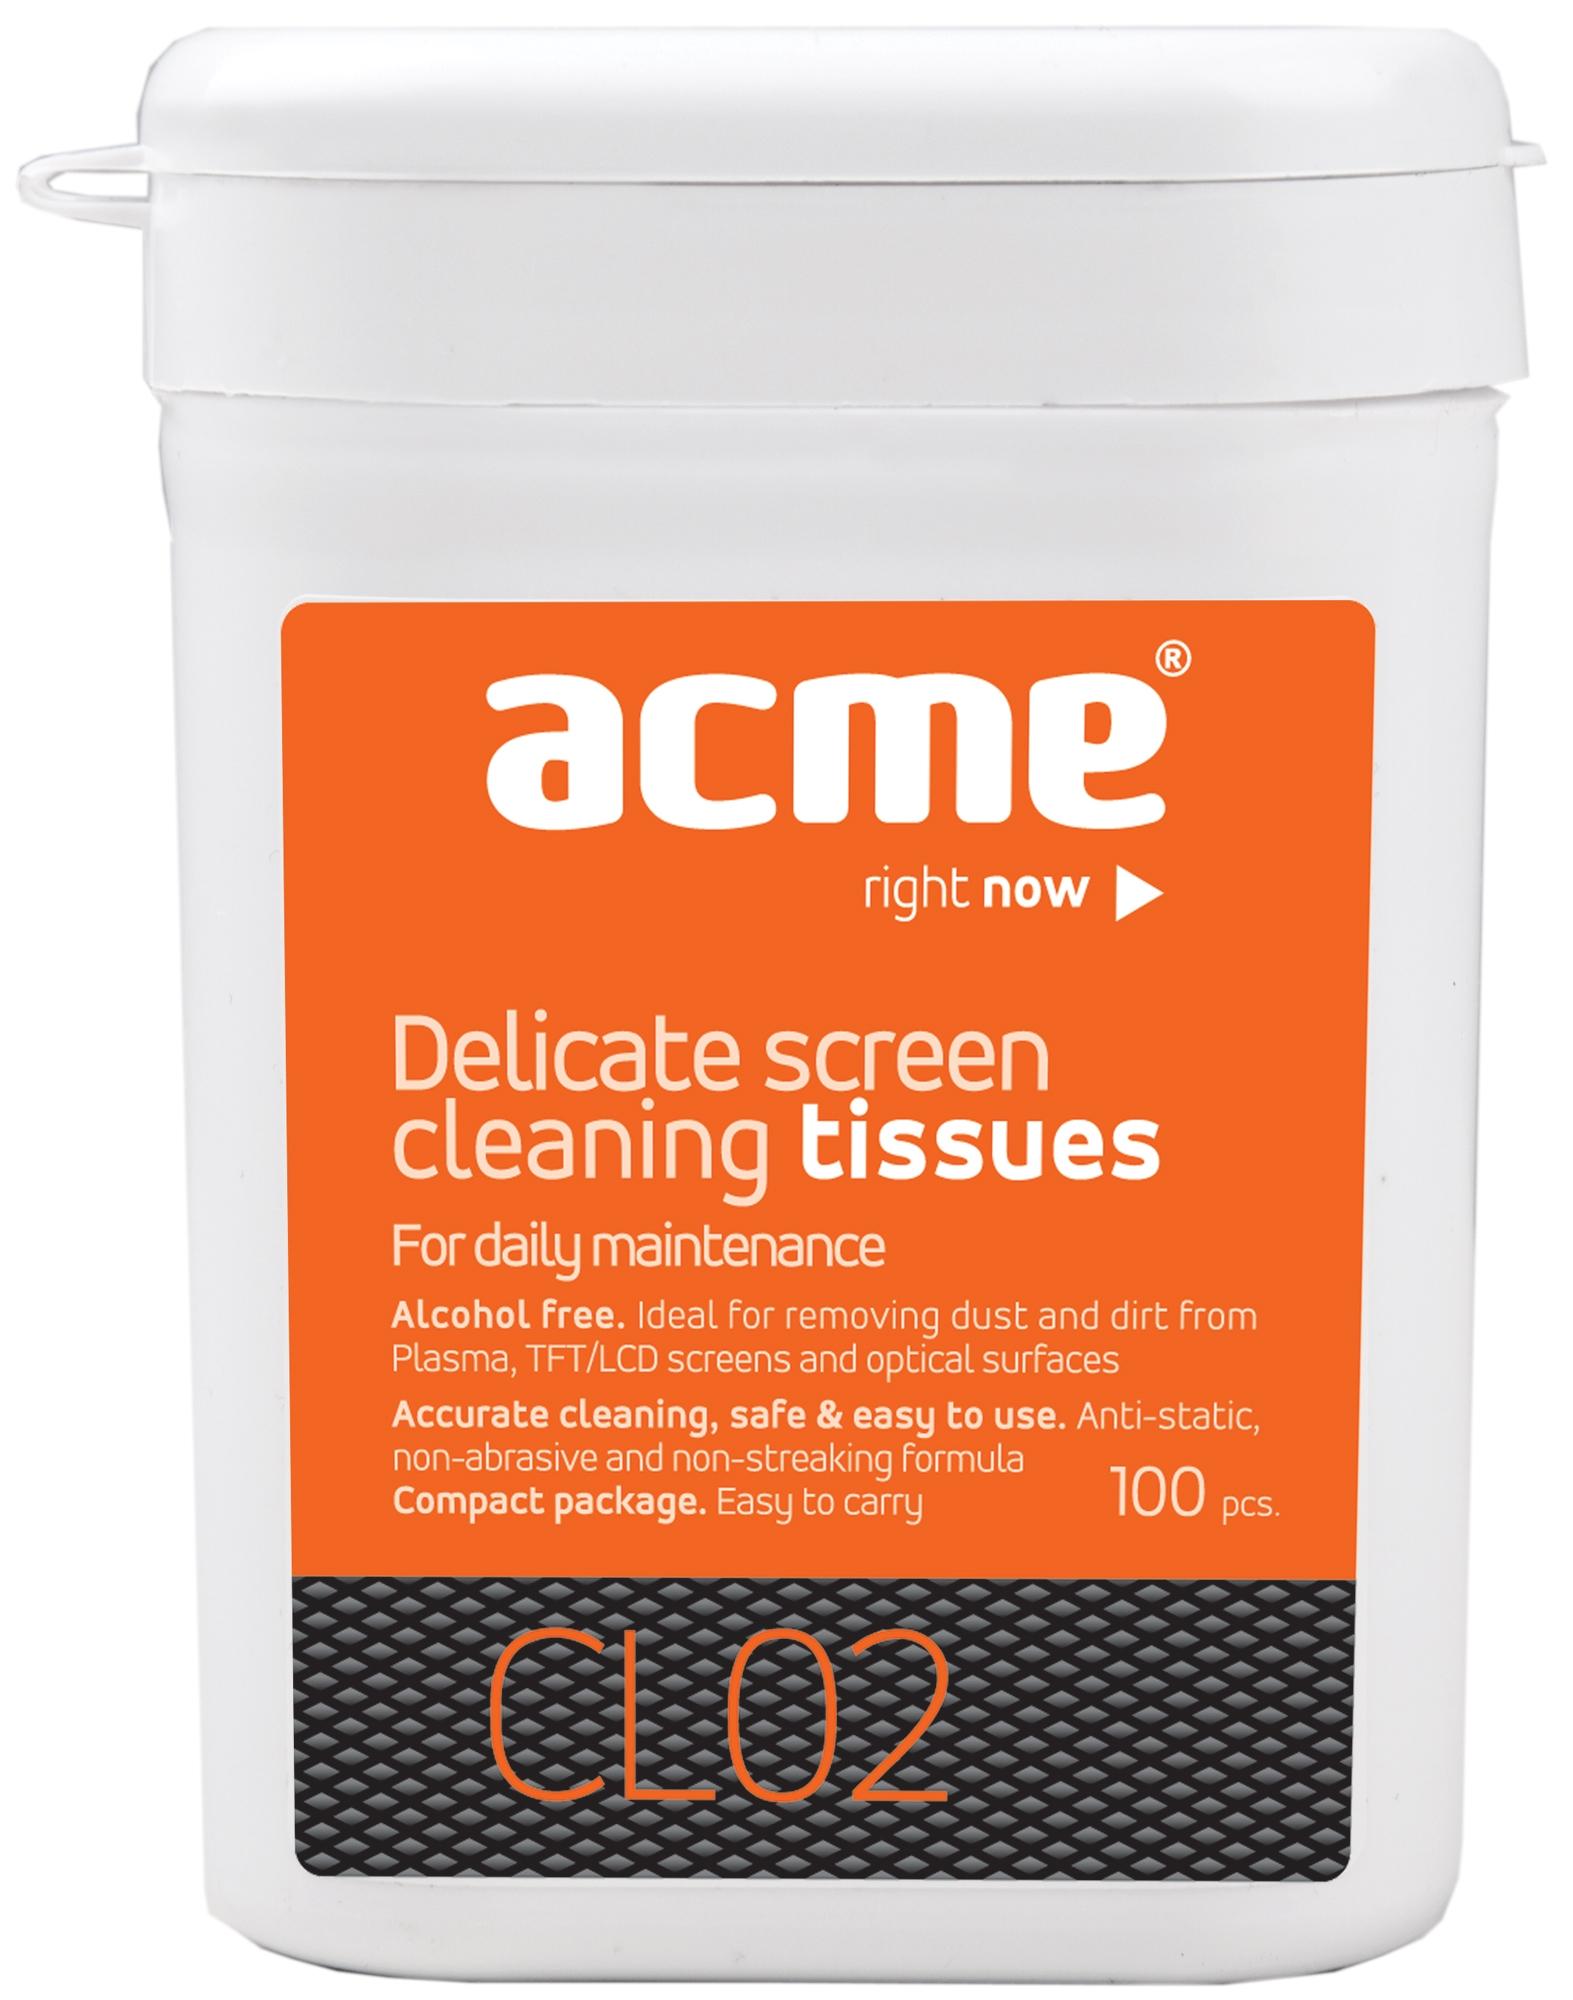 Acme CL02 Screen Cleaning Wipes TFT/LCD 100 pcs tīrīšanas līdzeklis